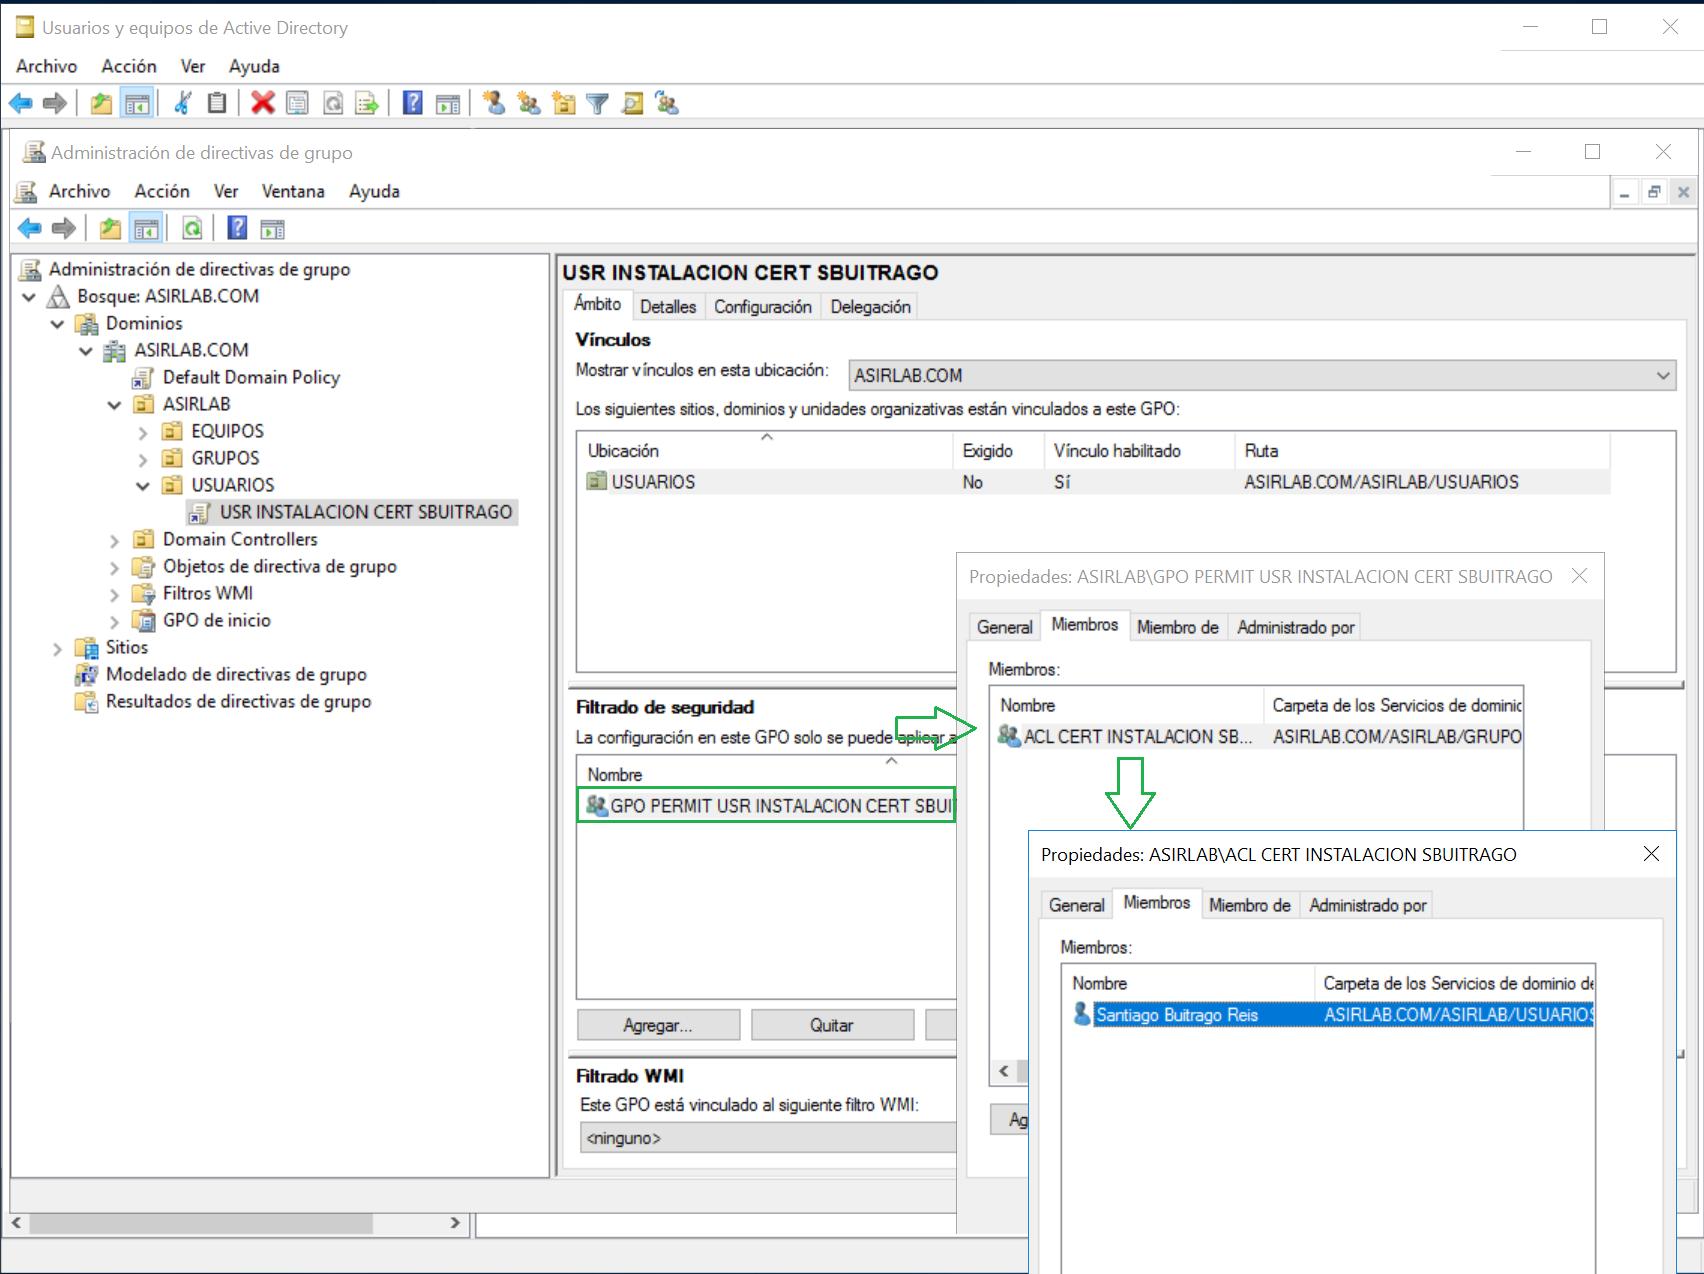 instalar_certificados_usuarios_via_gpo_49